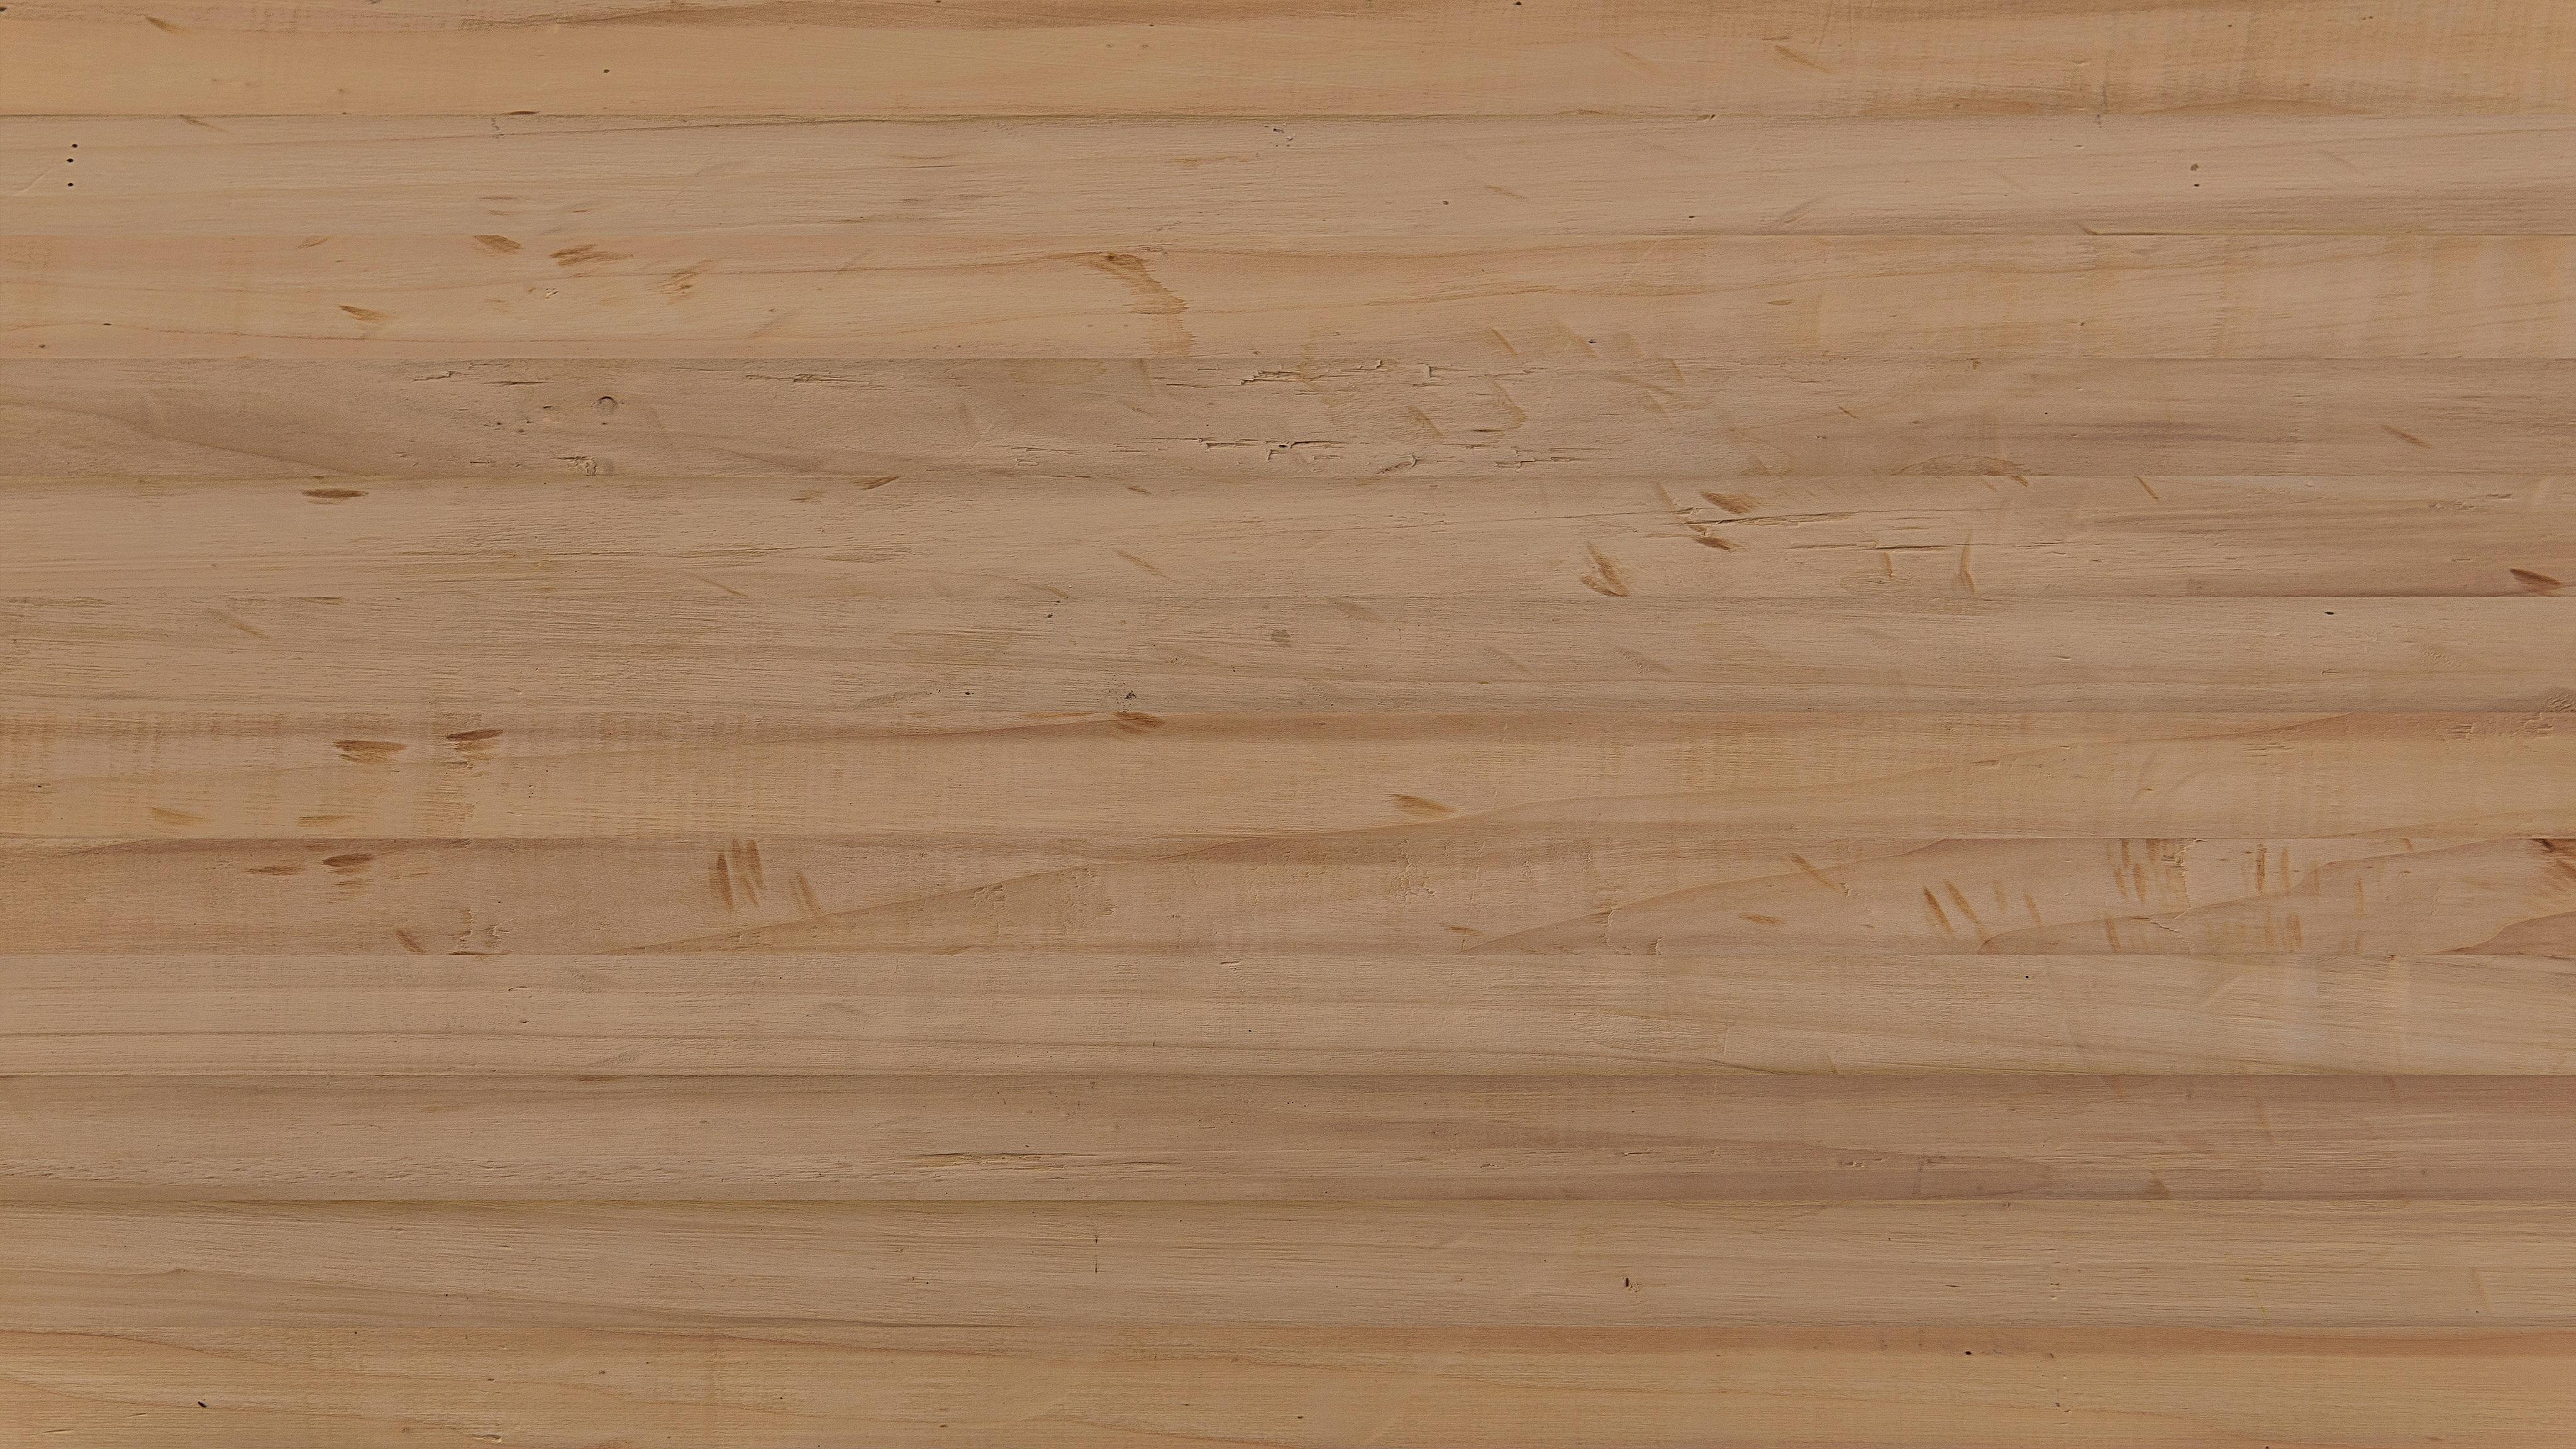 images gratuites table texture planche bois d 39 oeuvre bois dur 4k diffuser panneau. Black Bedroom Furniture Sets. Home Design Ideas